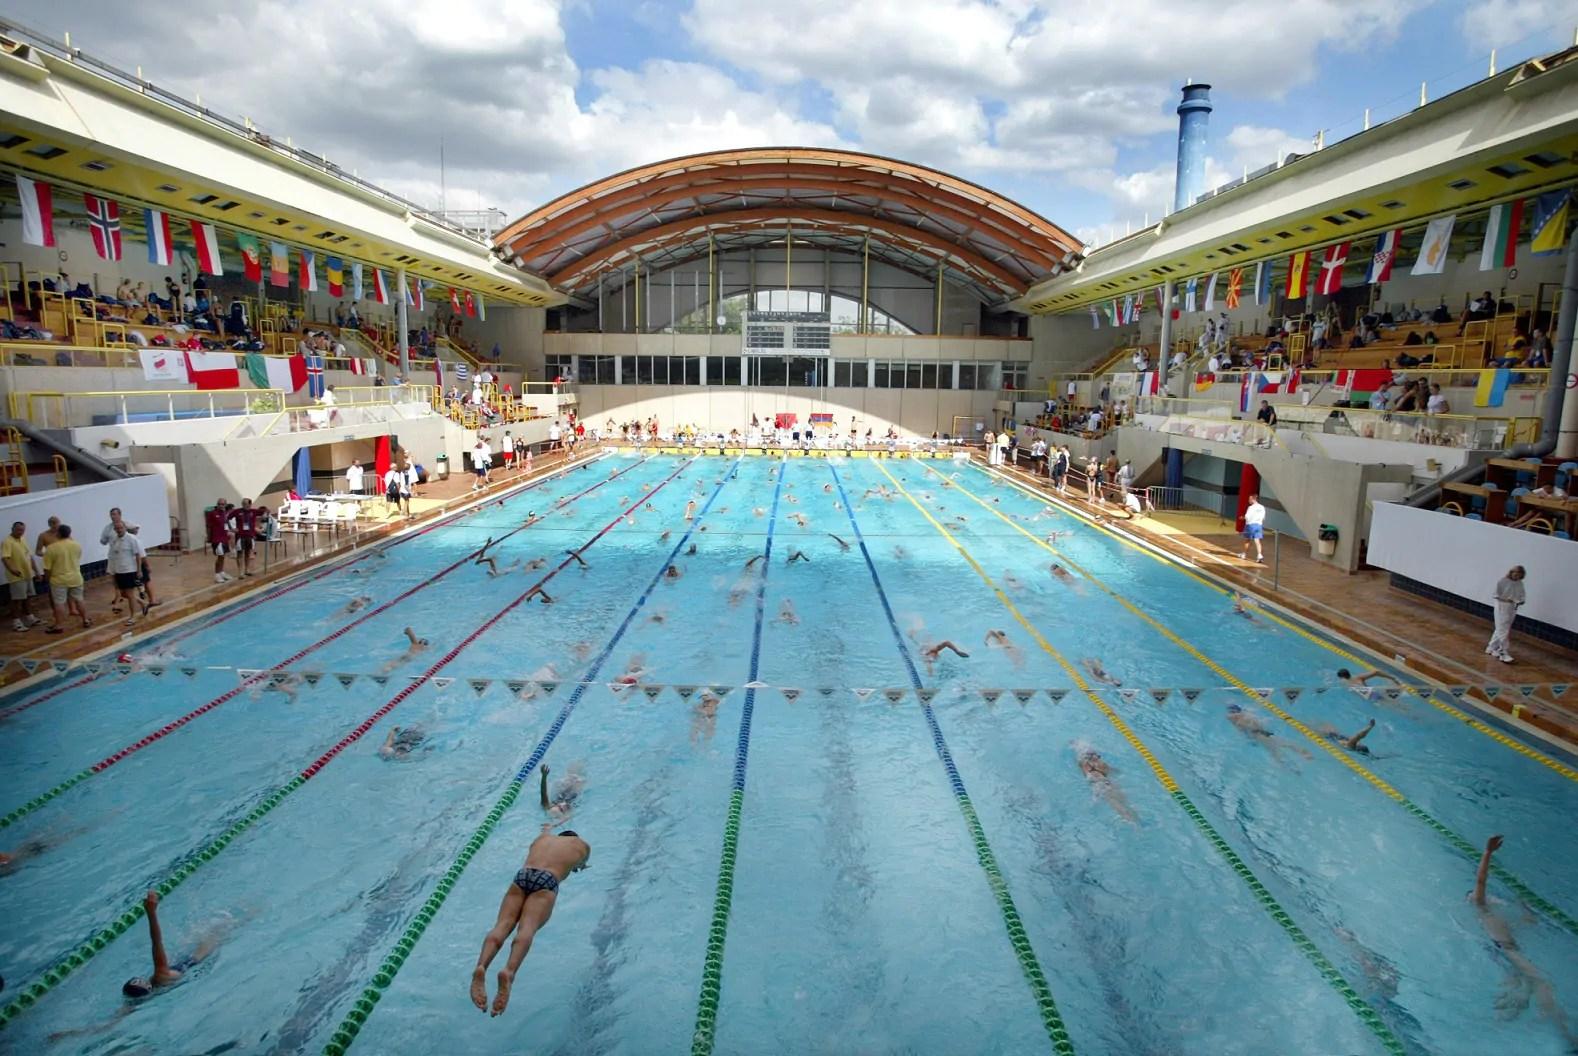 Paris ZigZag  Insolite  Secret  6 piscines en extrieur pour se rafrachir  Paris